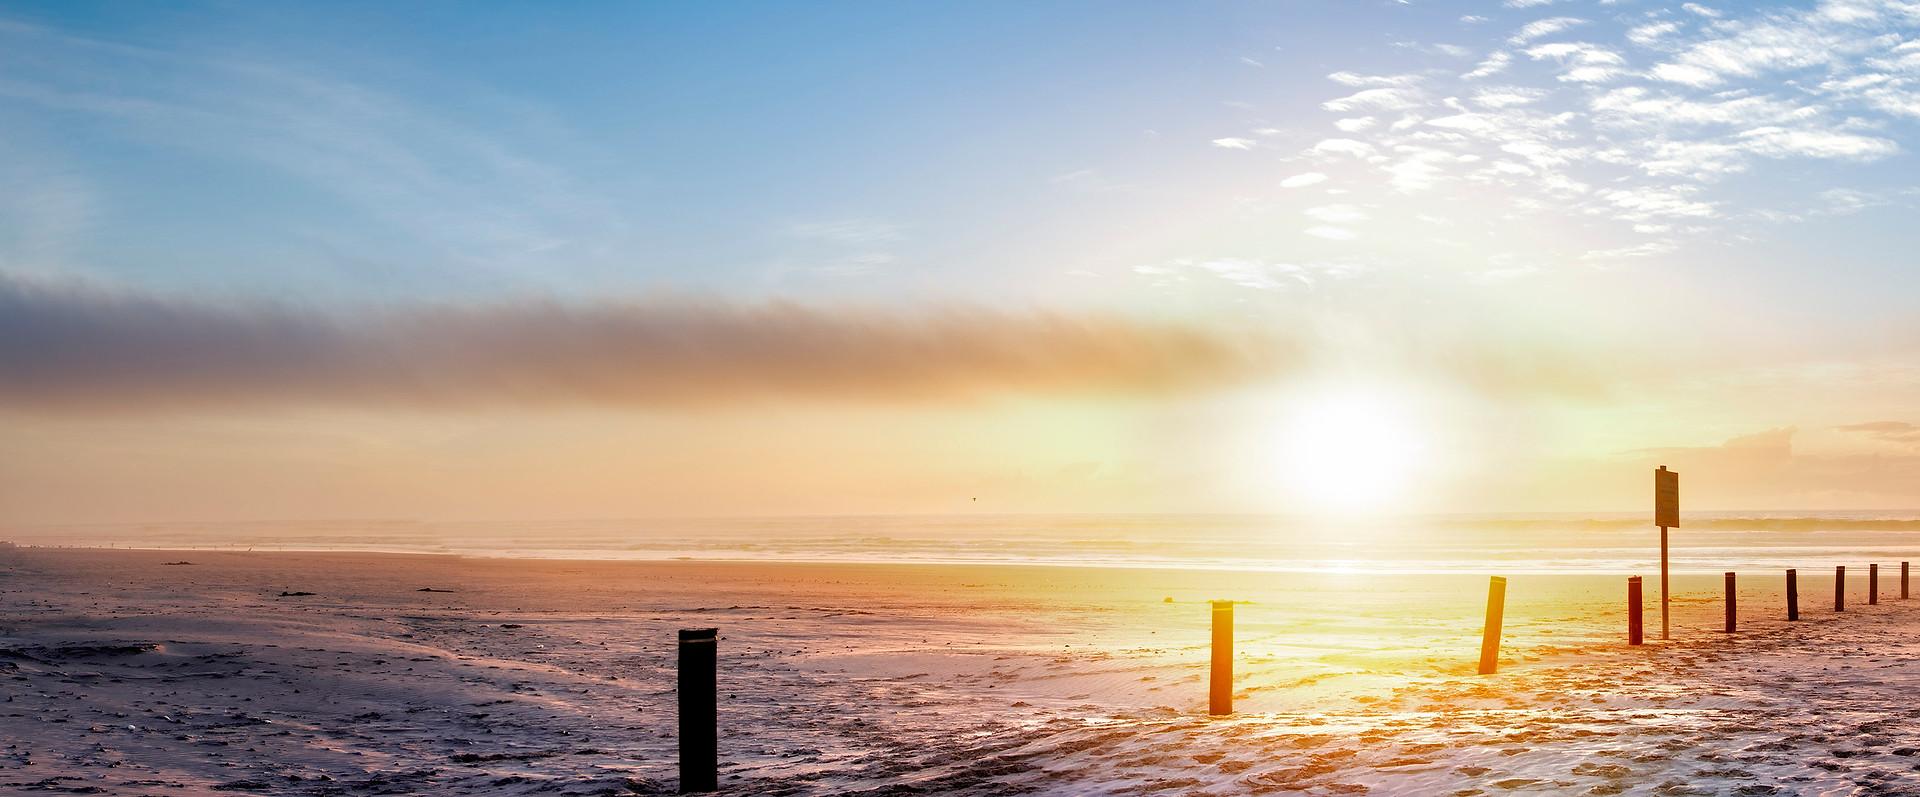 Melkbosstrand sunset